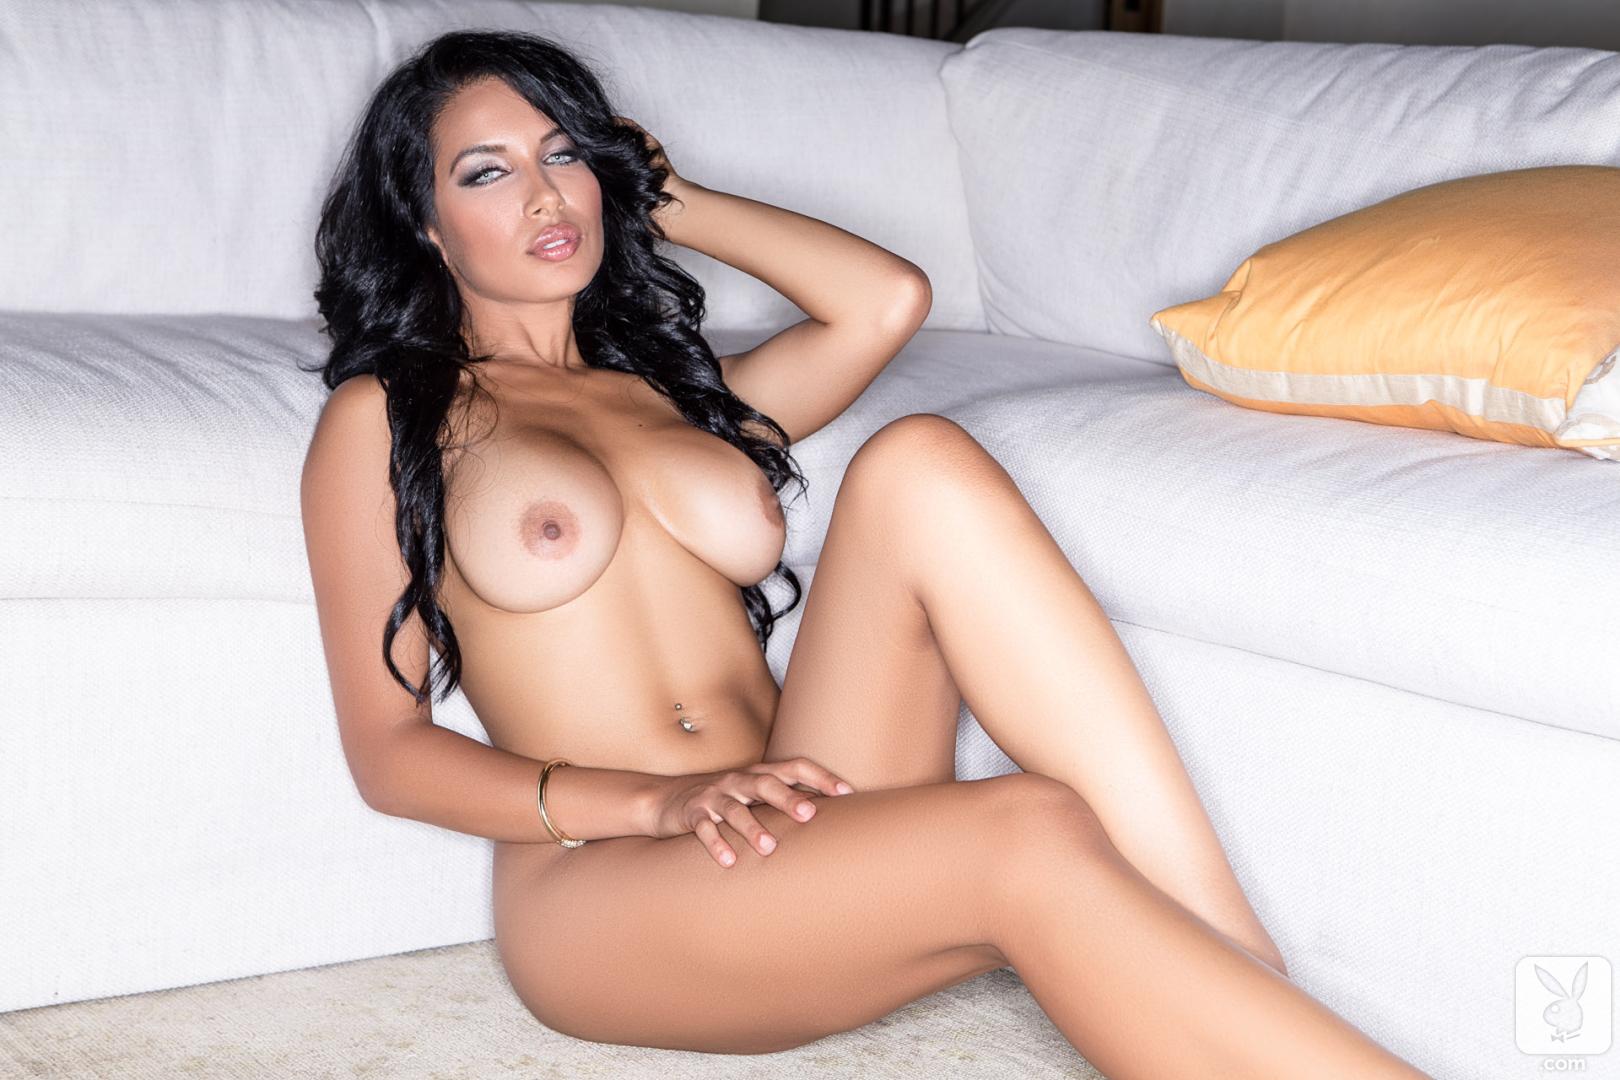 fastermob nude boys.com  COM bridal nude ... Michelle .